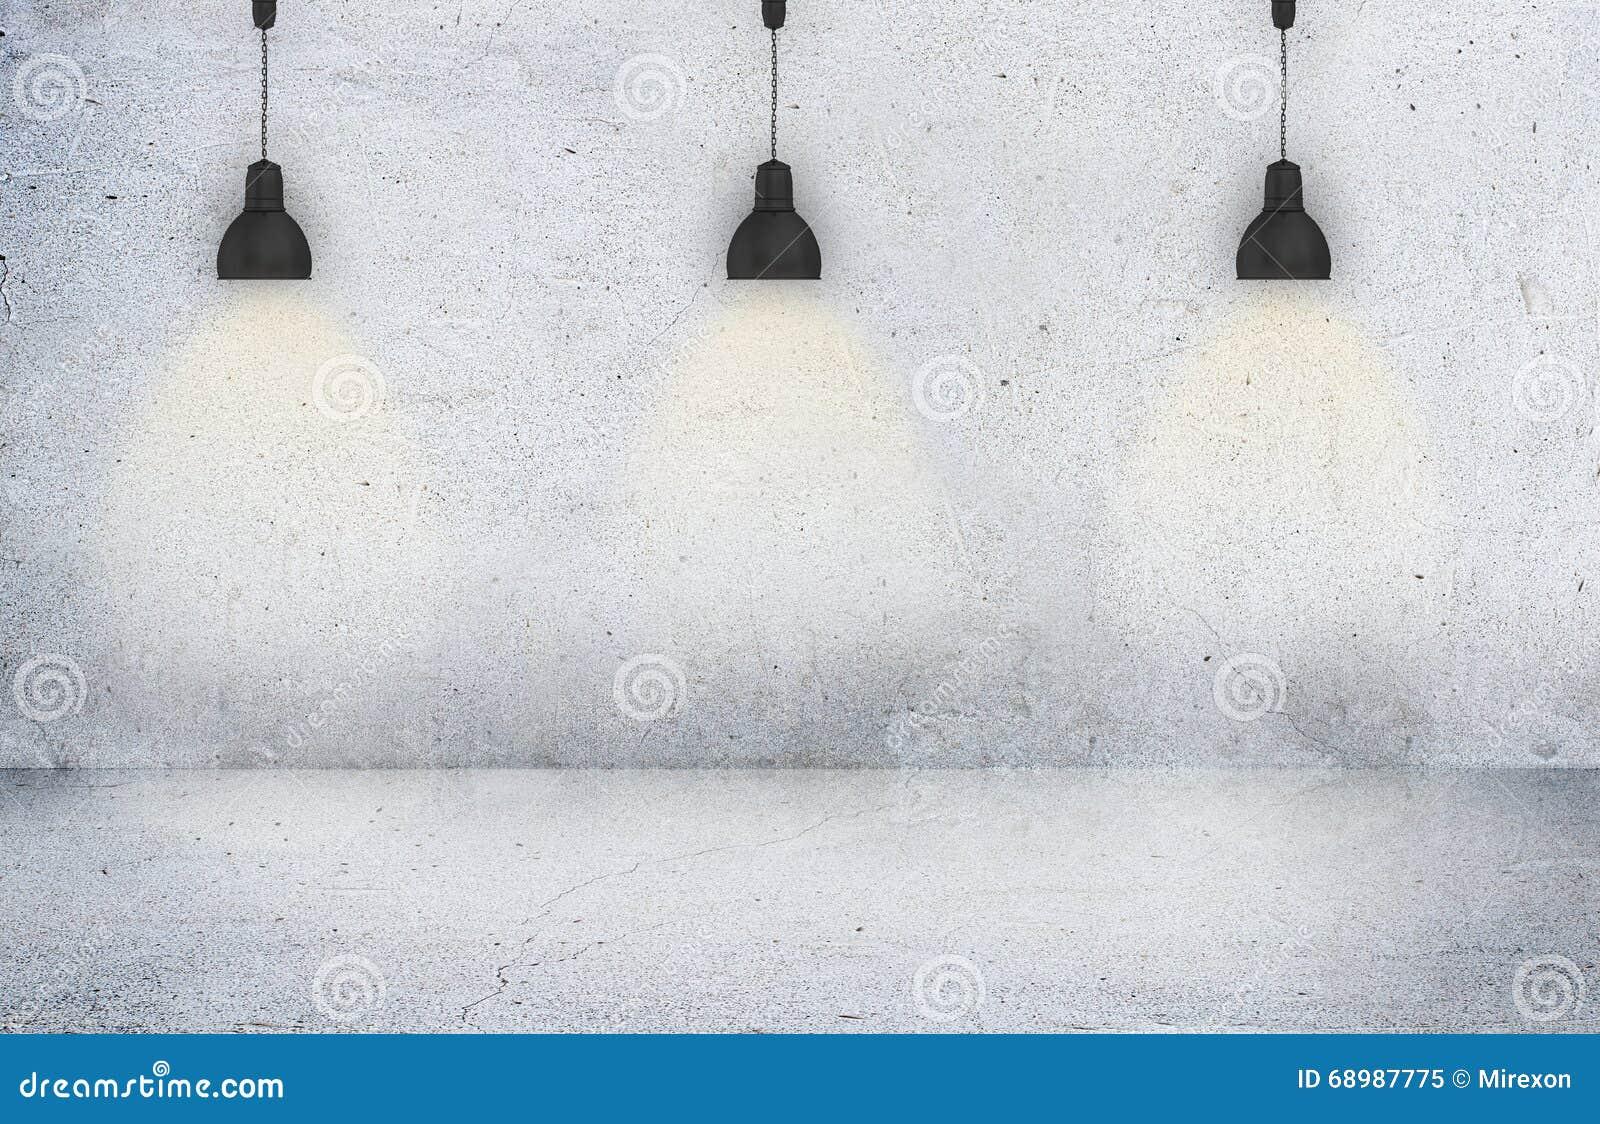 El muro de cemento iluminado por las lámparas vacia el espacio